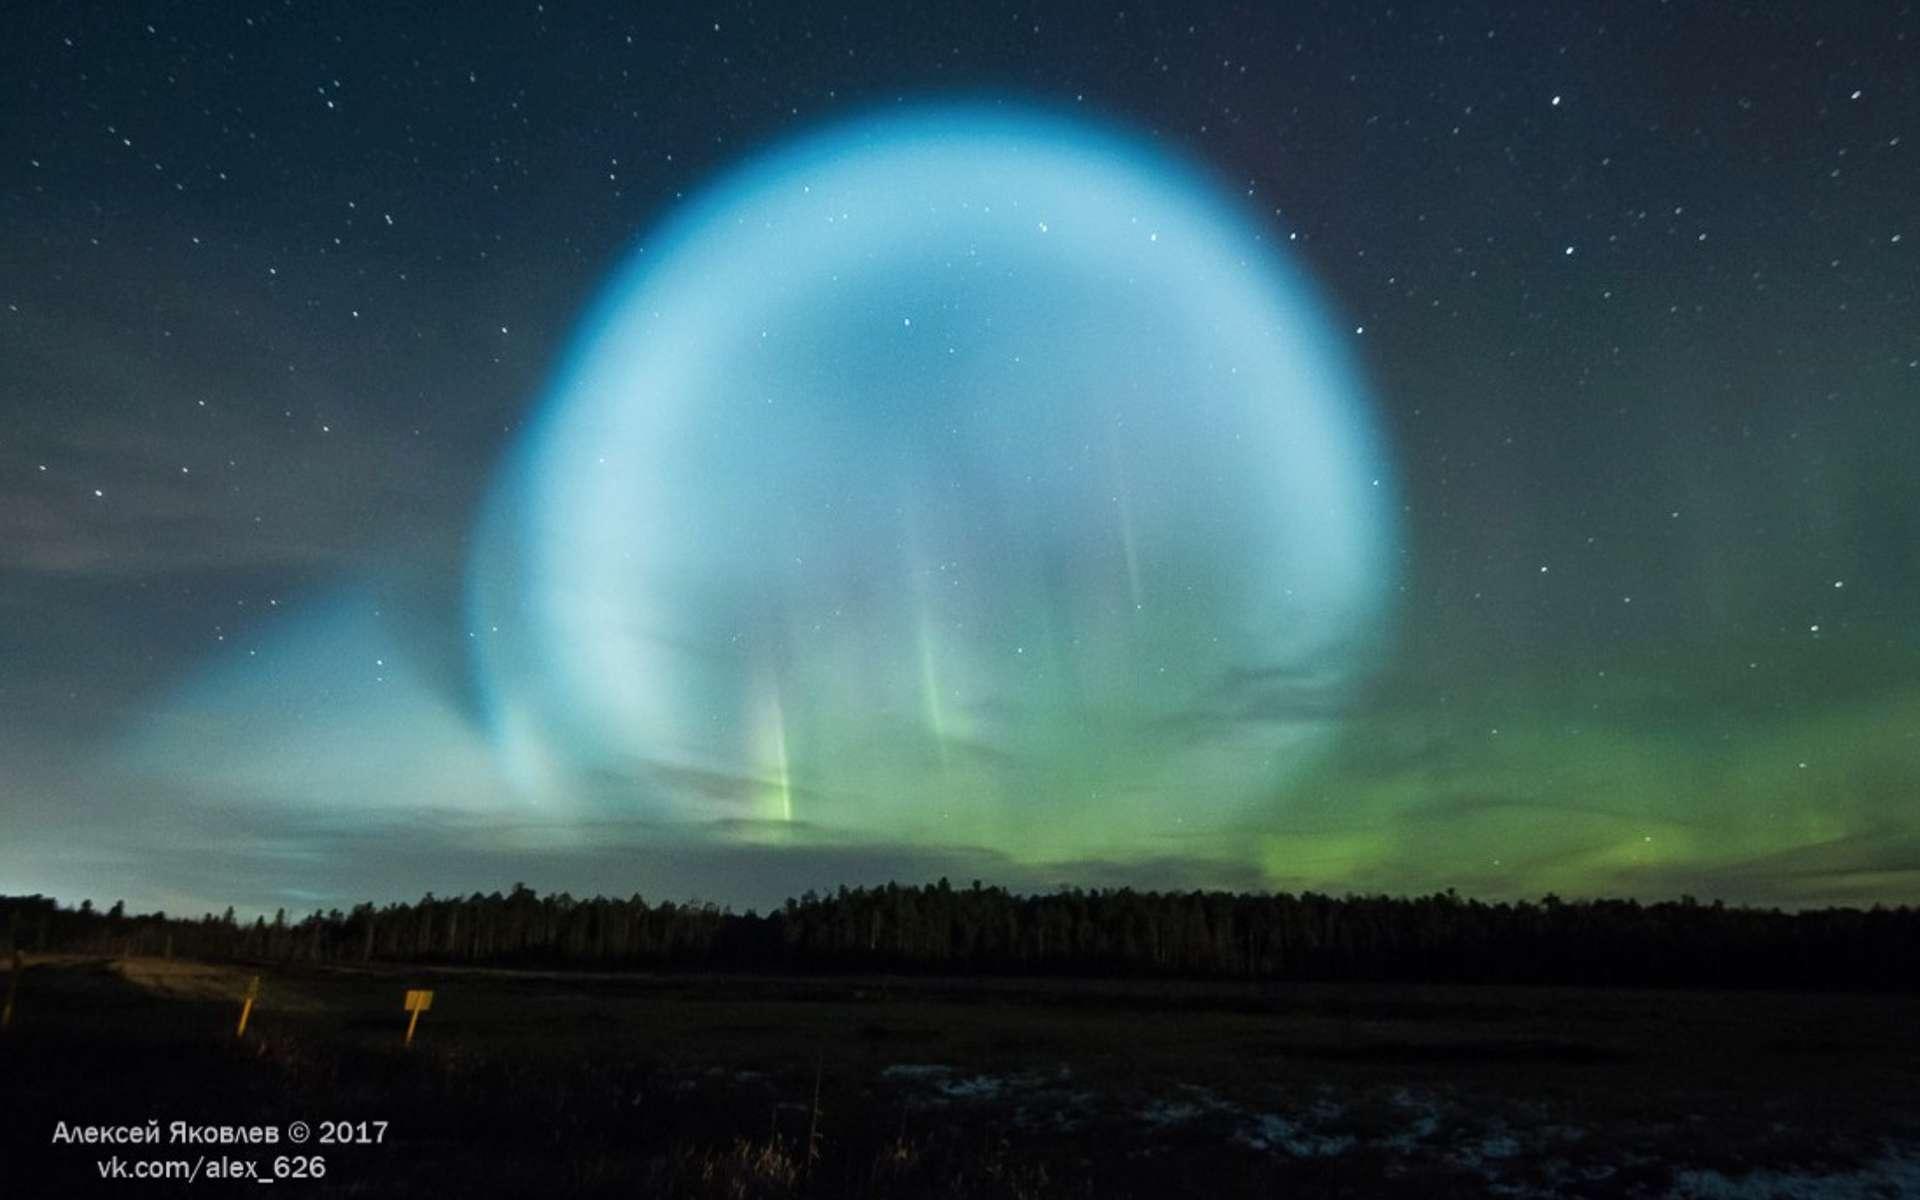 L'étrange bulle bleue qui s'est étendue le 26 octobre dans le ciel de Sibérie. © Alexey Yakolov, The Siberian Times